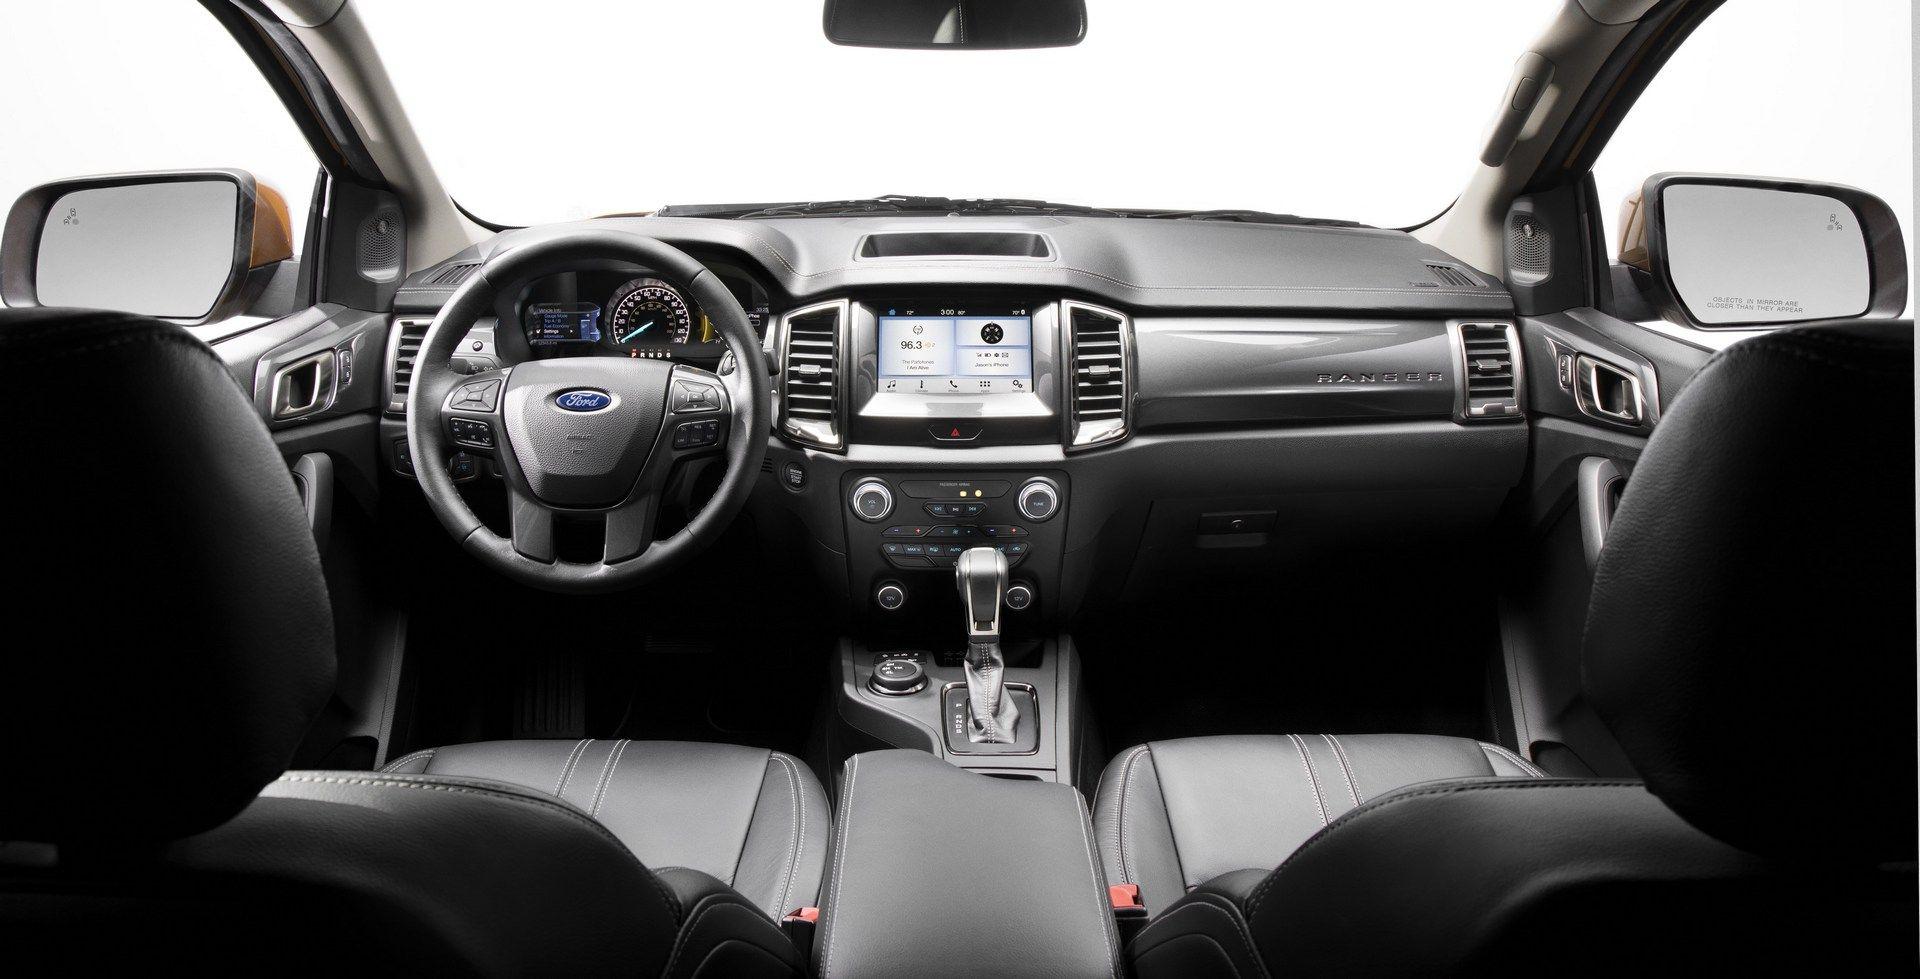 بوی خودروی نو در فرهنگهای مختلف/  فناوری فورد برای حذف بوی یک خودروی تر و تازه